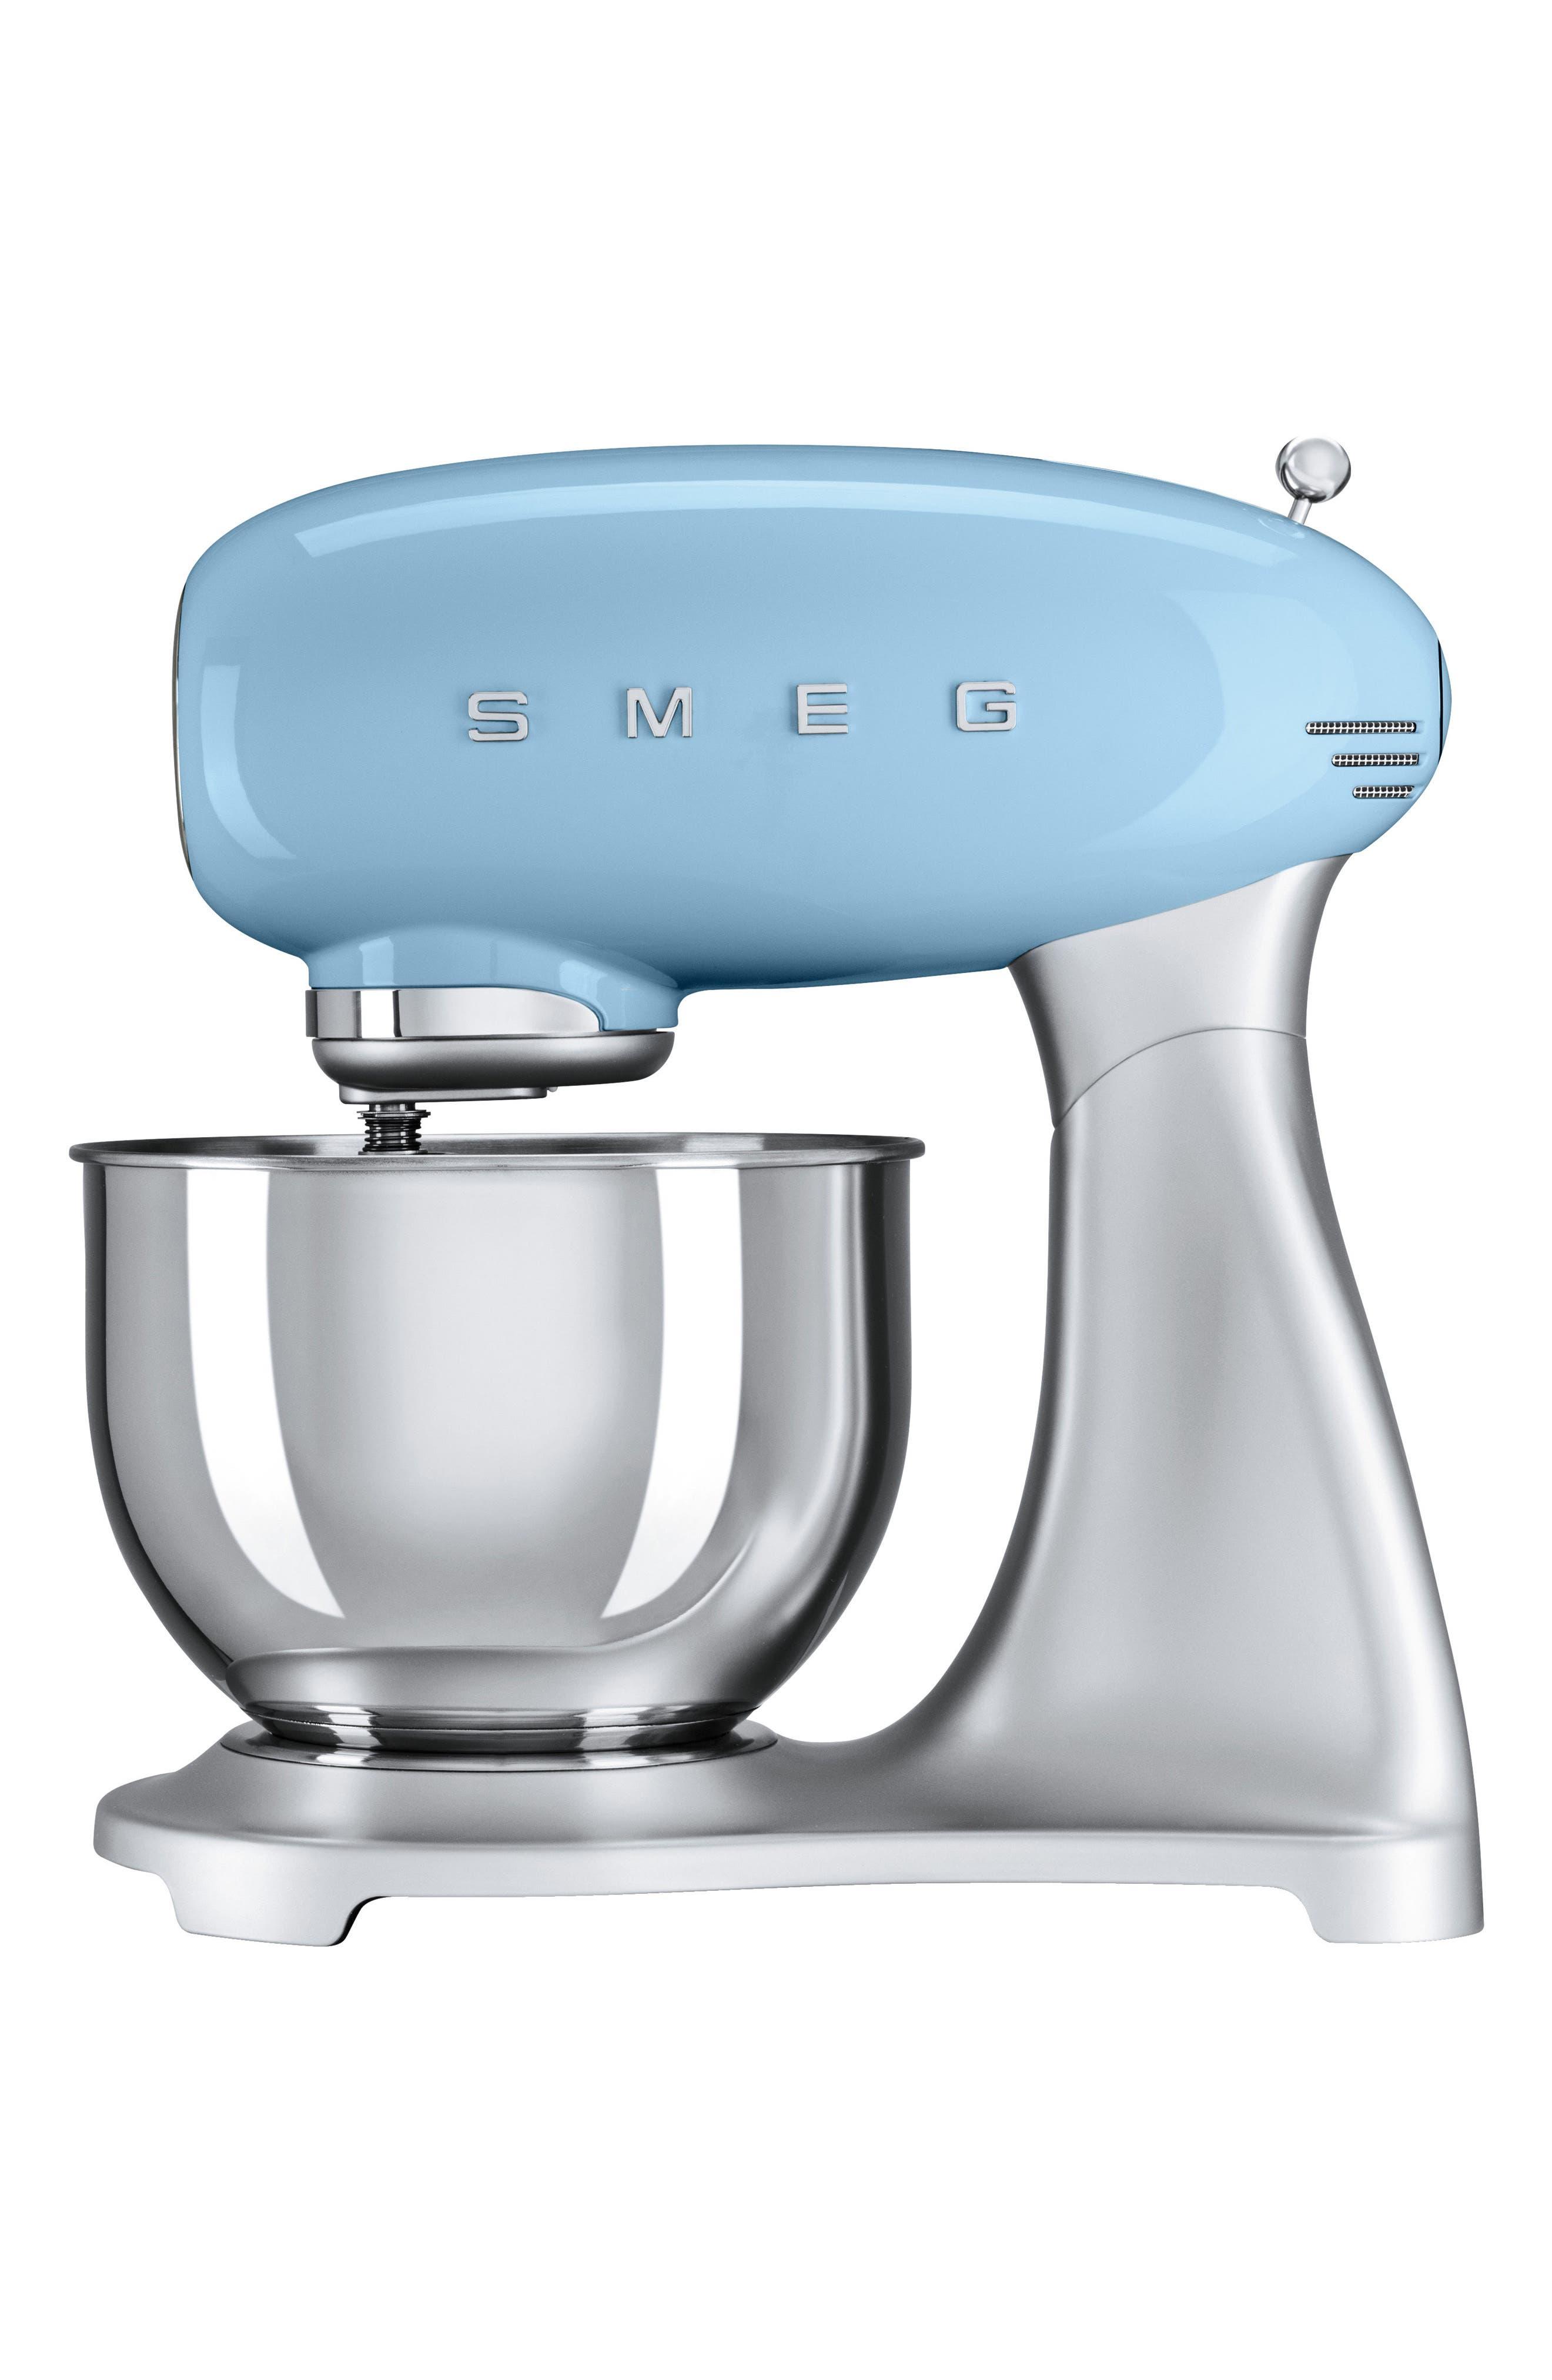 50s Retro Style Five-Quart Stand Mixer,                             Main thumbnail 1, color,                             Pastel Blue